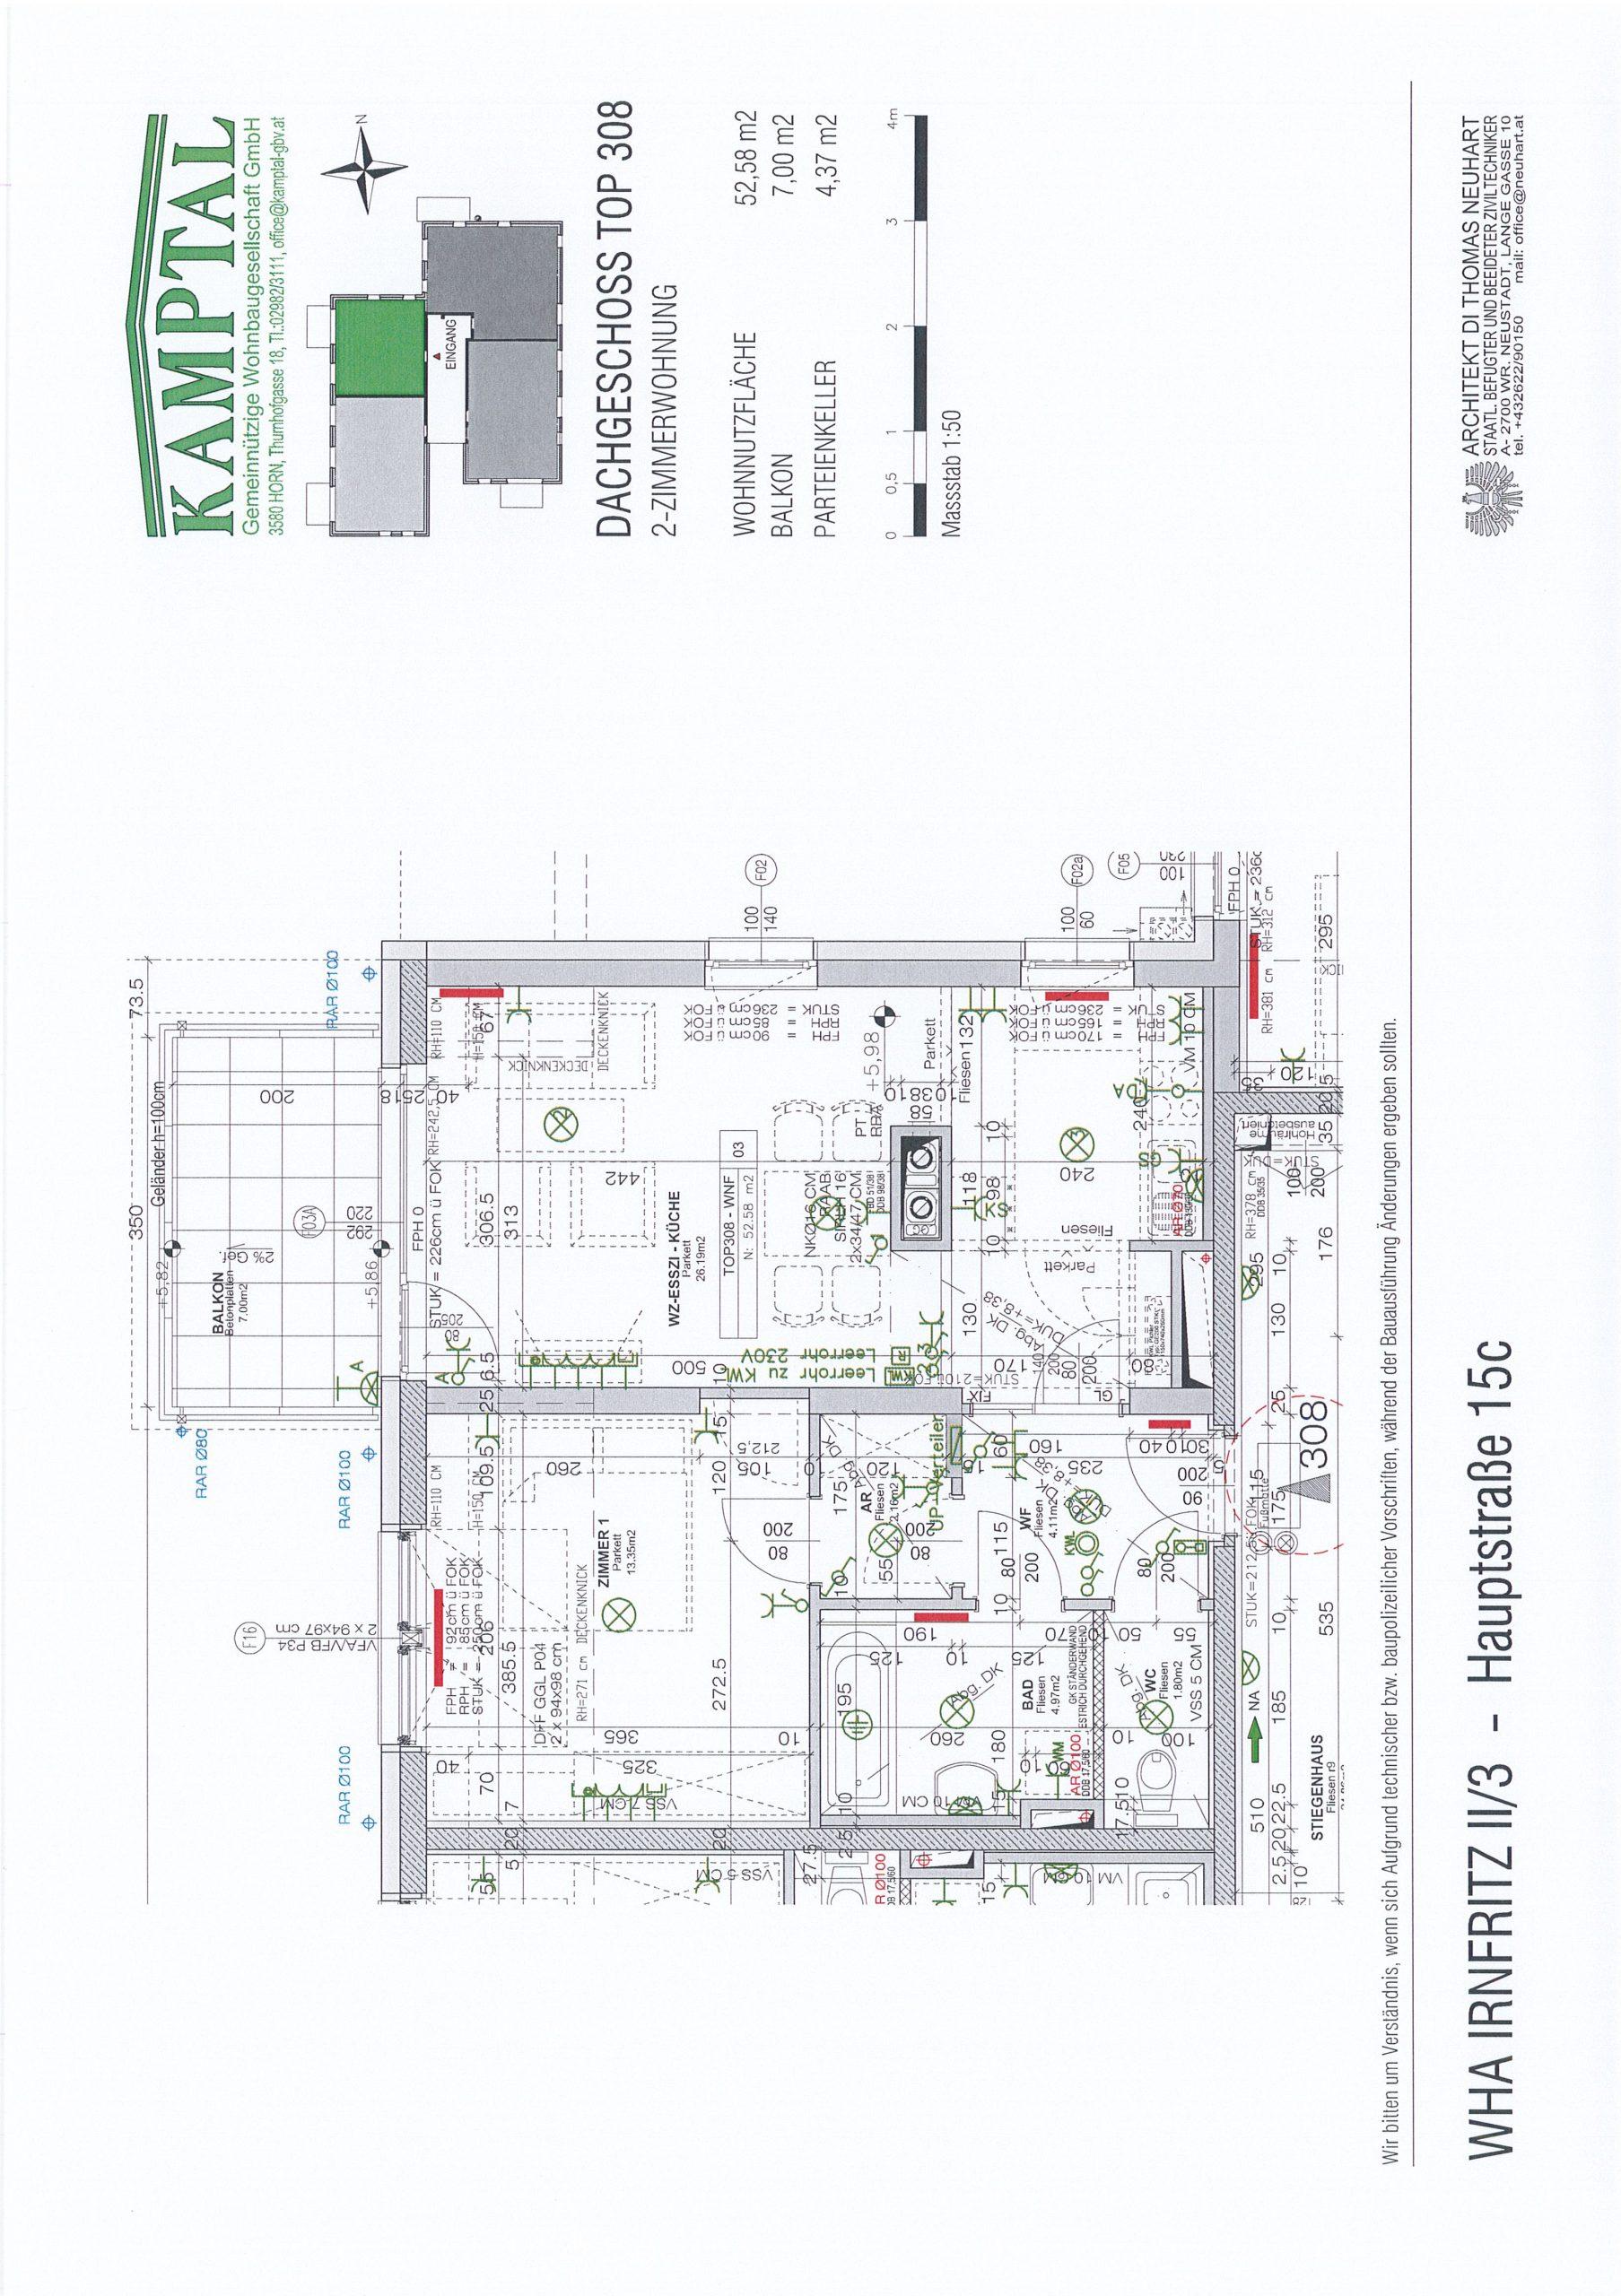 Immobilie von Kamptal in 3754 Irnfritz, Horn, Irnfritz II/3 - Top 308 #9